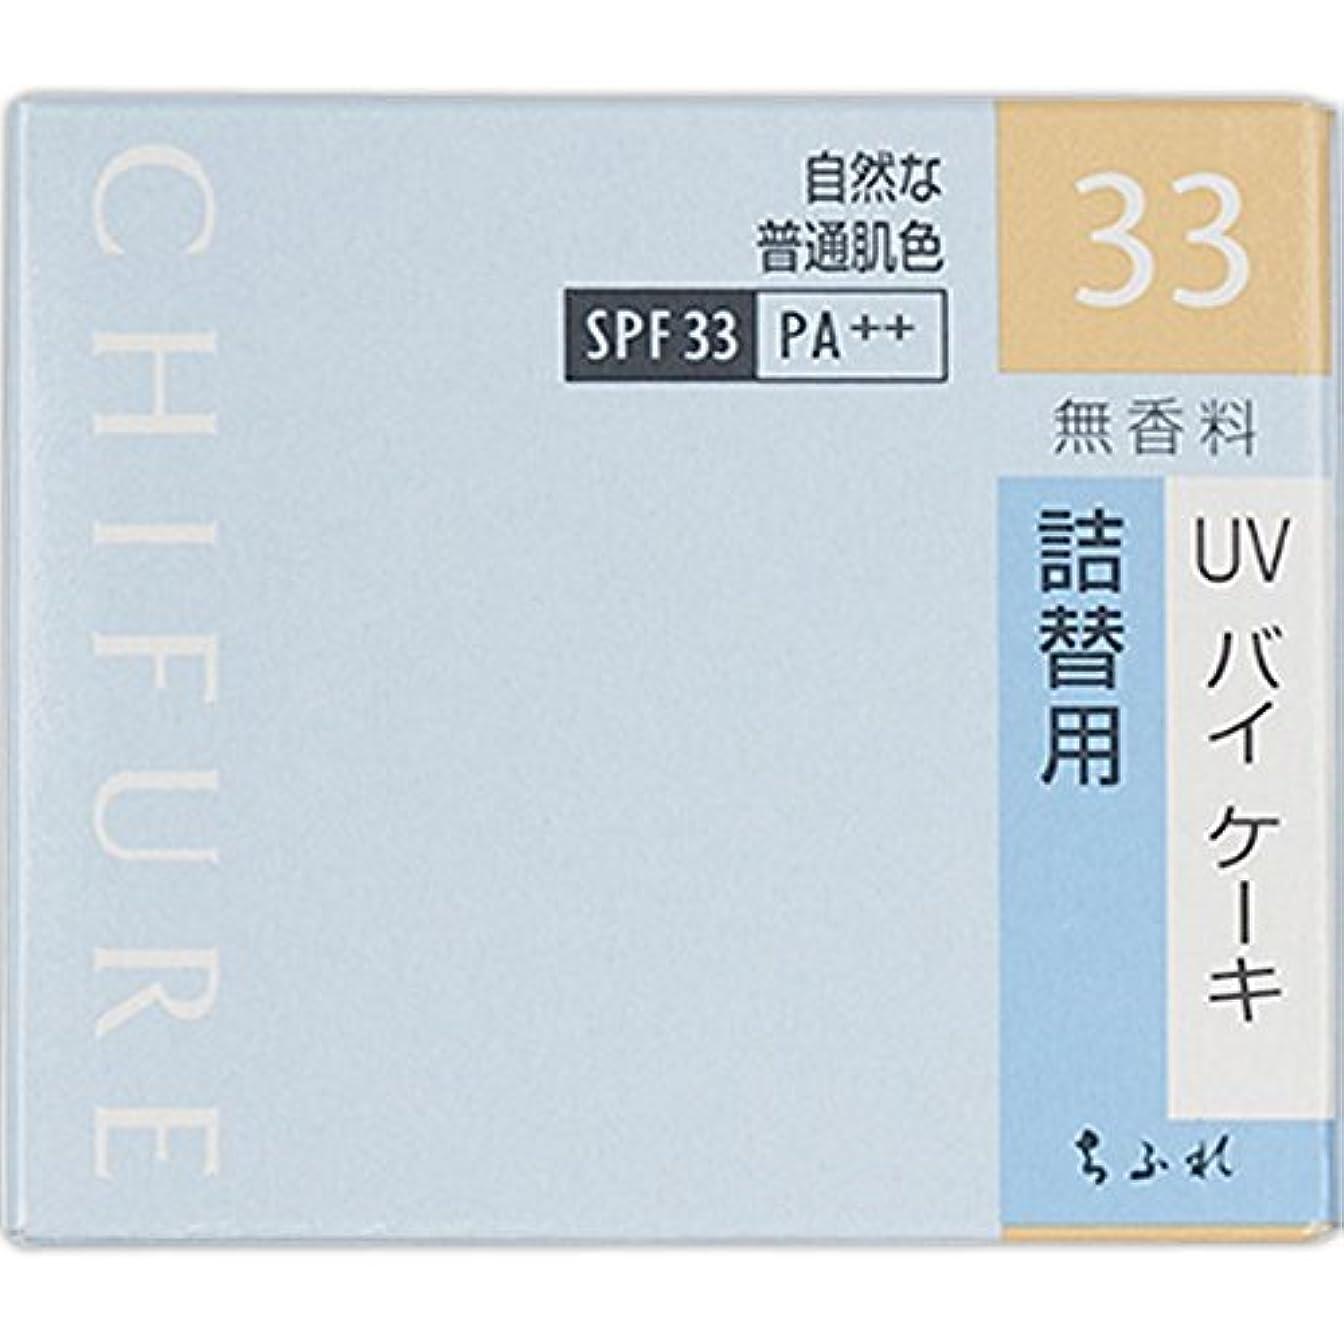 時期尚早受ける合理的ちふれ化粧品 UV バイ ケーキ 詰替用 33 自然な普通肌色 14g